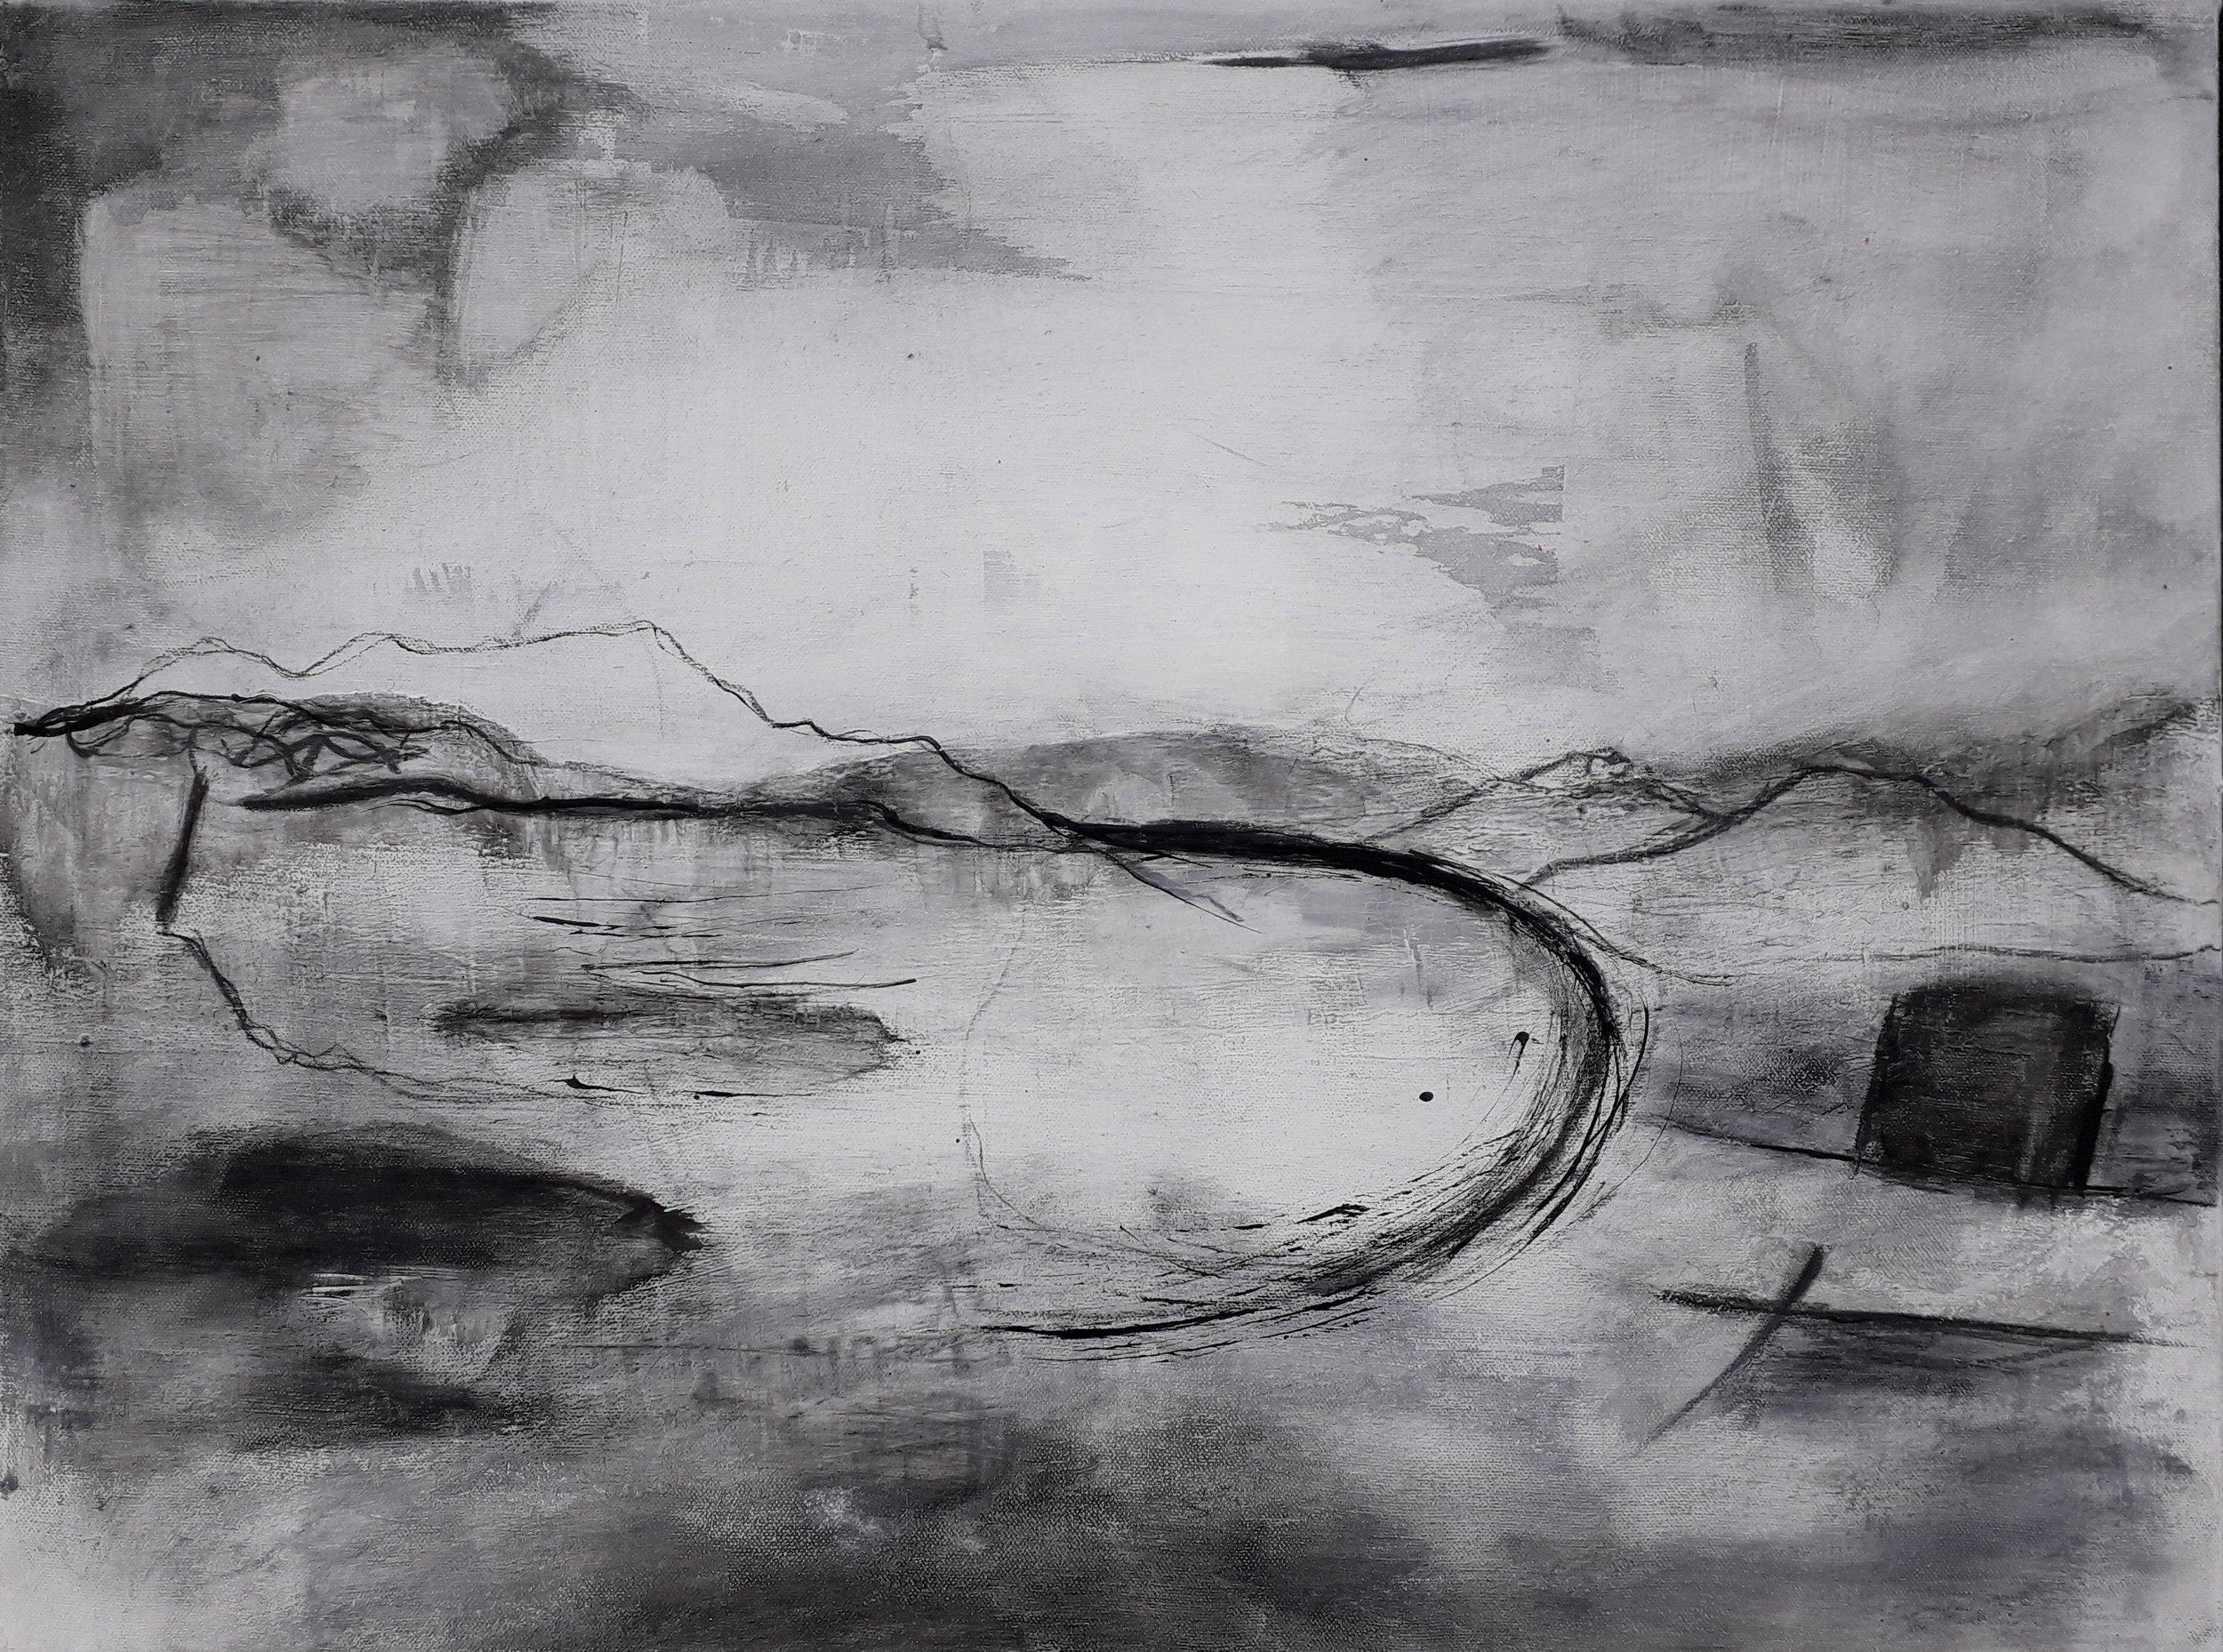 Towards Zennor canvas 61cm x 45.5cm.jpg